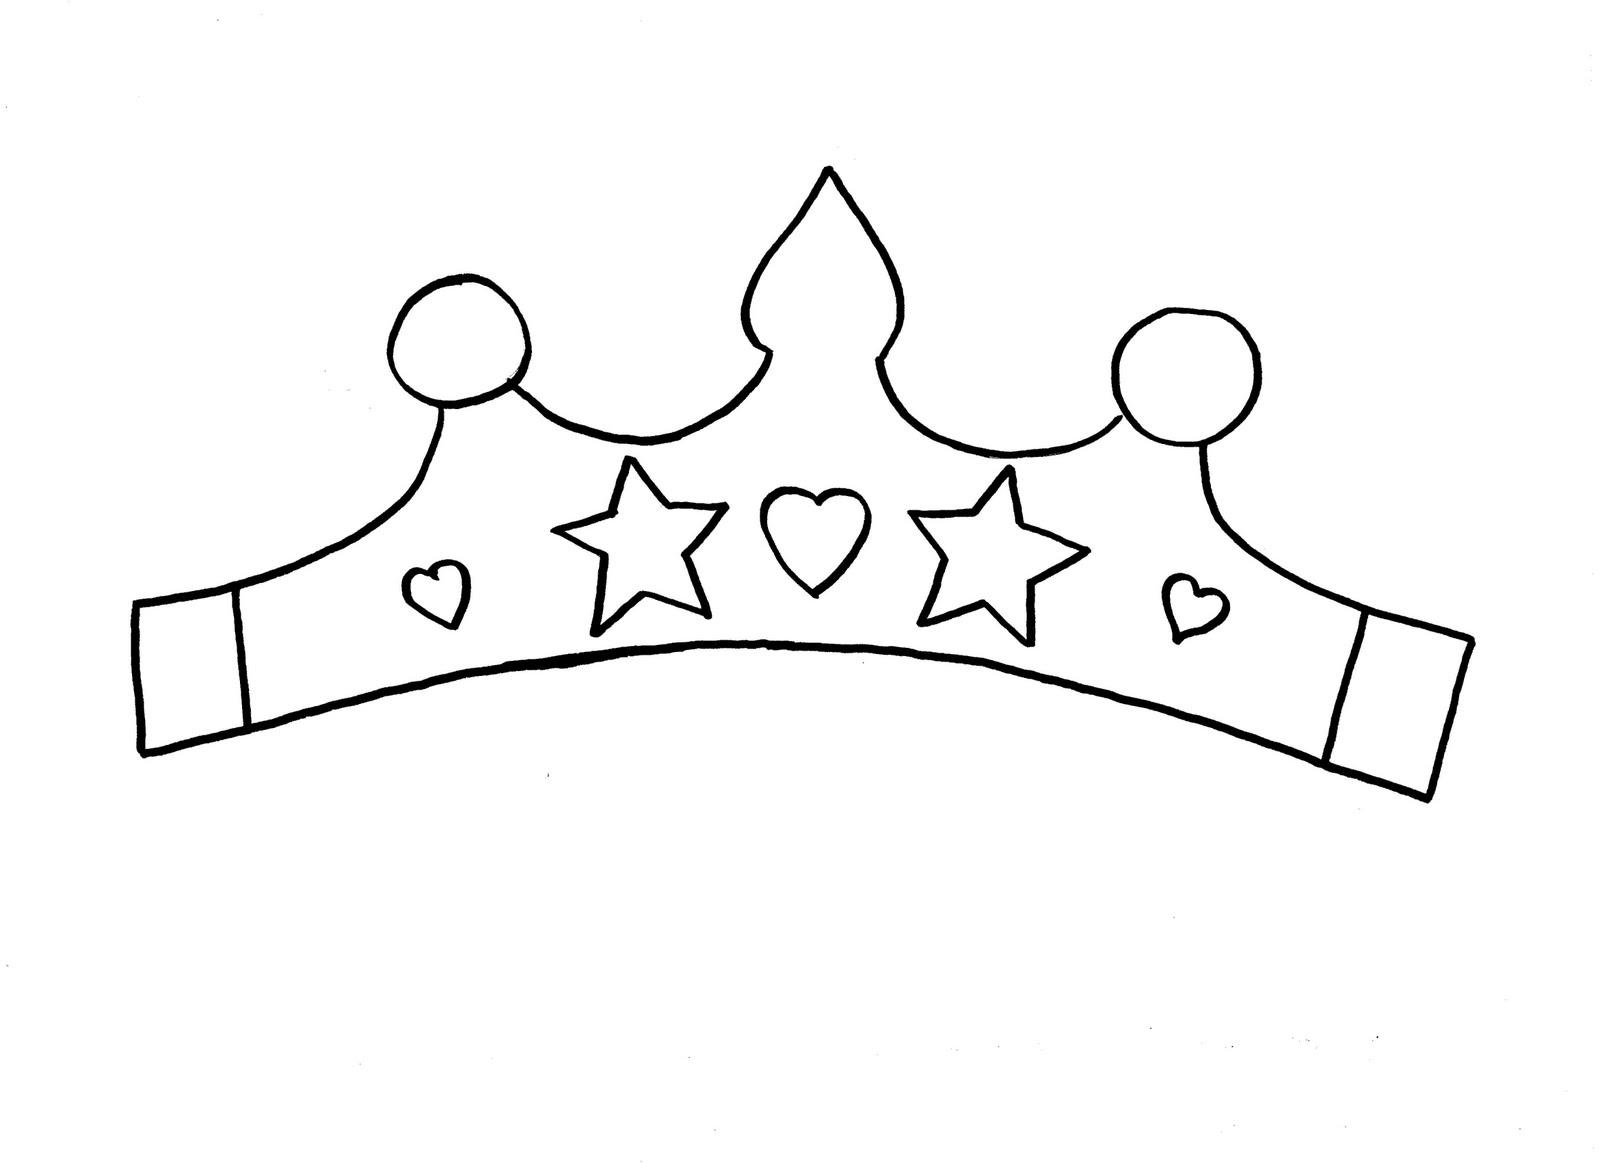 Eveil a la foi celebrations mages bricolage une couronne for Coeur couronne et miroir apollinaire